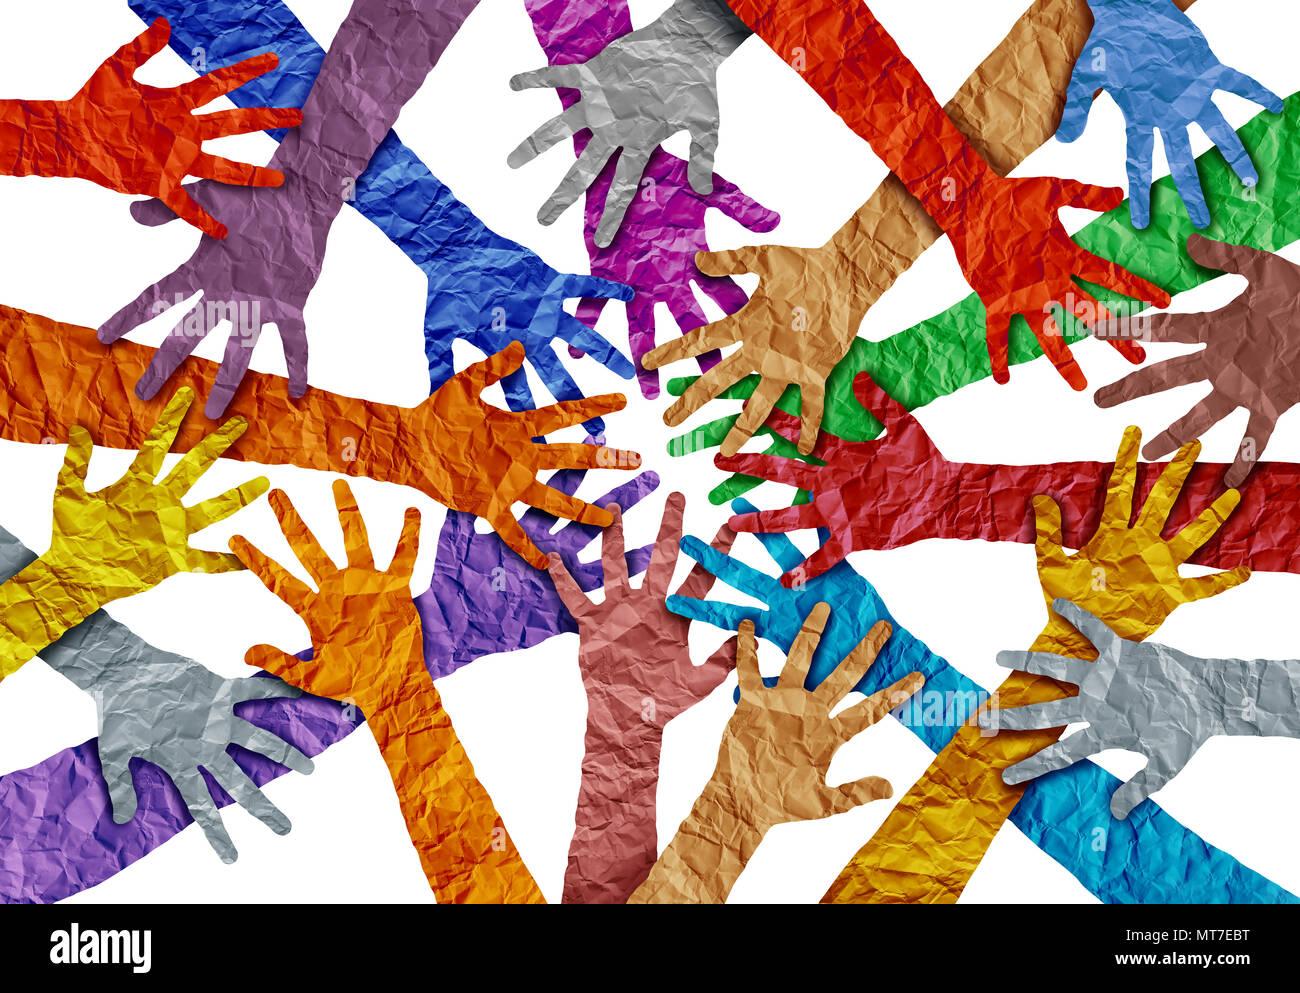 Concepto de diversidad y multitud como símbolo de cooperación diversas manos sosteniendo juntos en una imagen 3D de estilo. Imagen De Stock